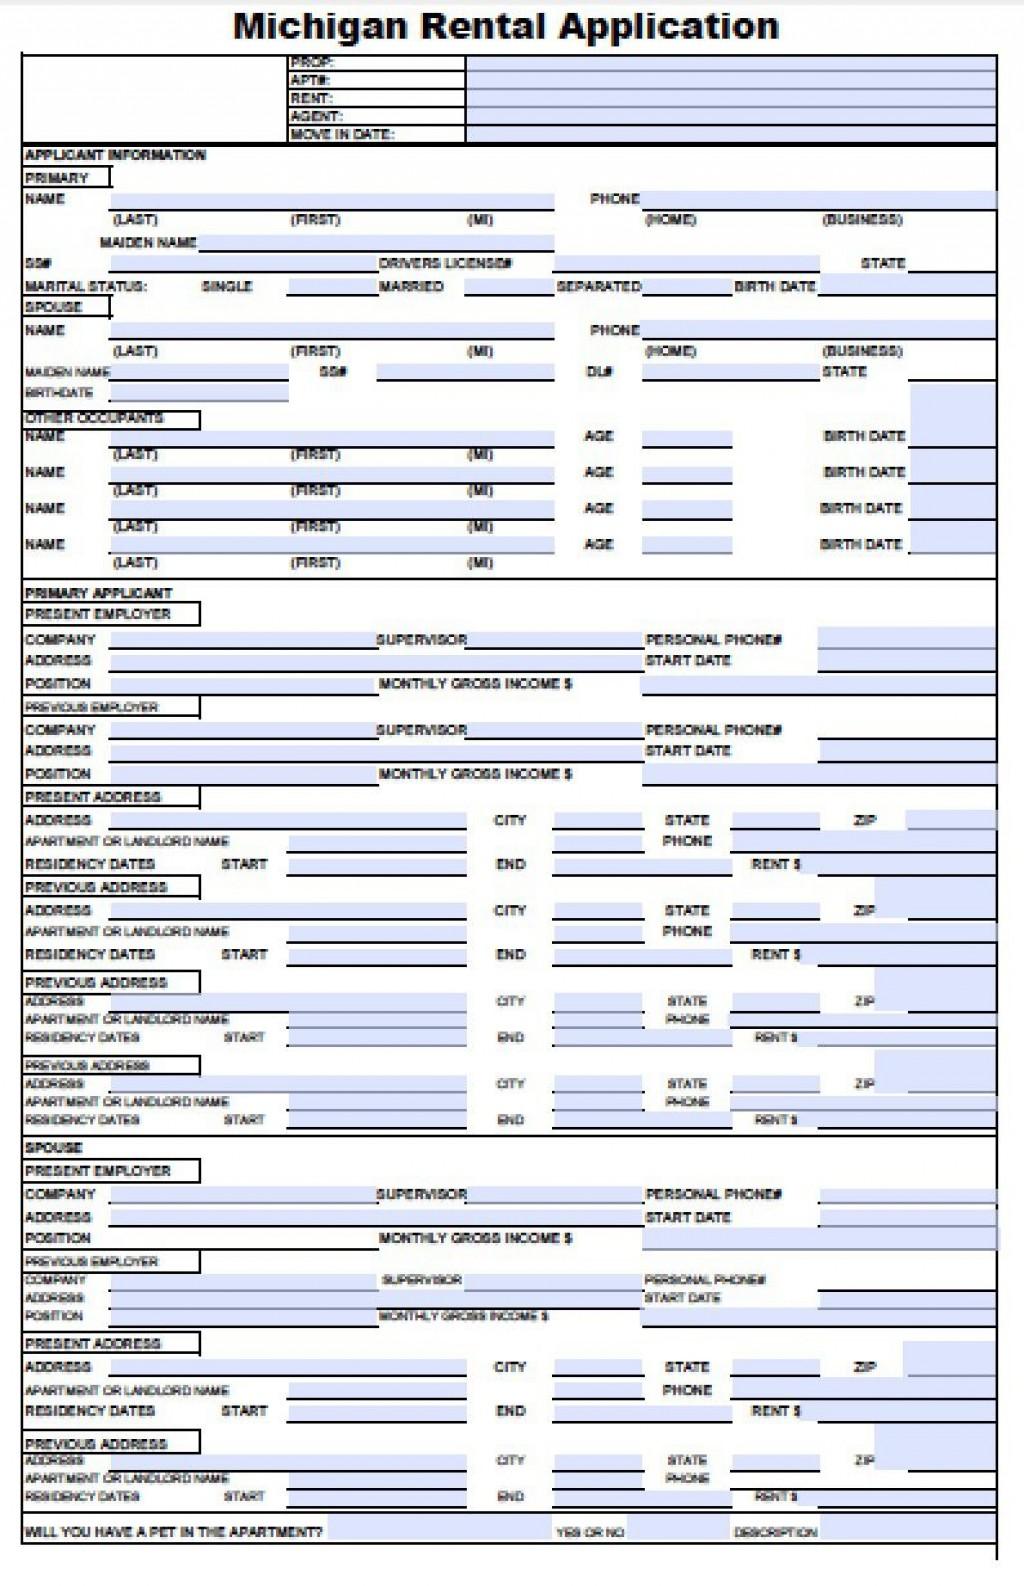 001 Marvelou Free Rental Application Template Highest Quality  Form Oregon Credit OnlineLarge